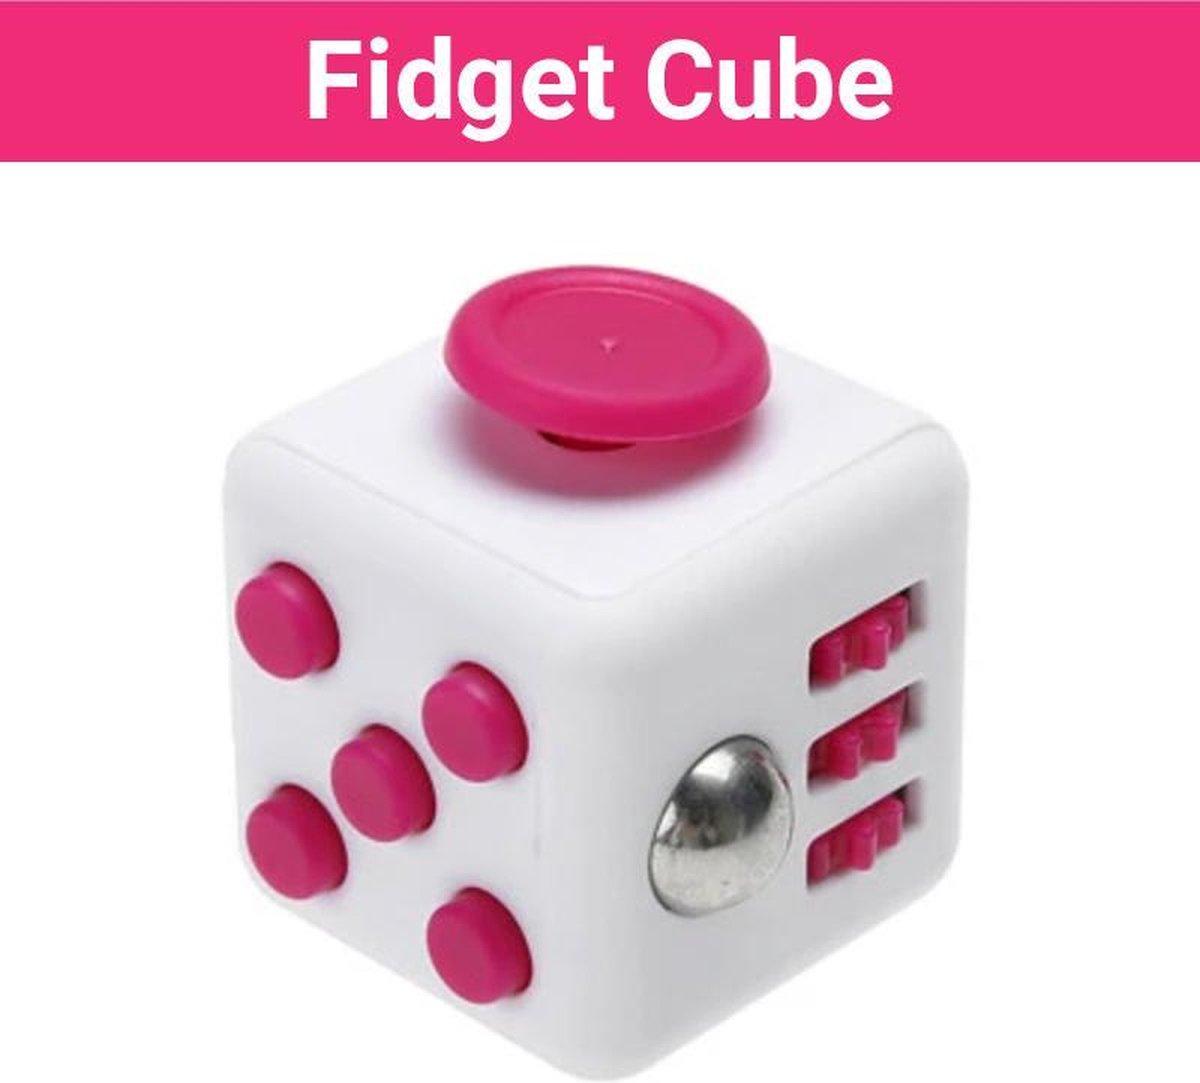 """Fidget Cube """"Wit-Roze"""" - Friemelkubus - Anti Stress Speelgoed Meisjes - Fidget Toys - Hoogsensitiviteit Kinderen"""